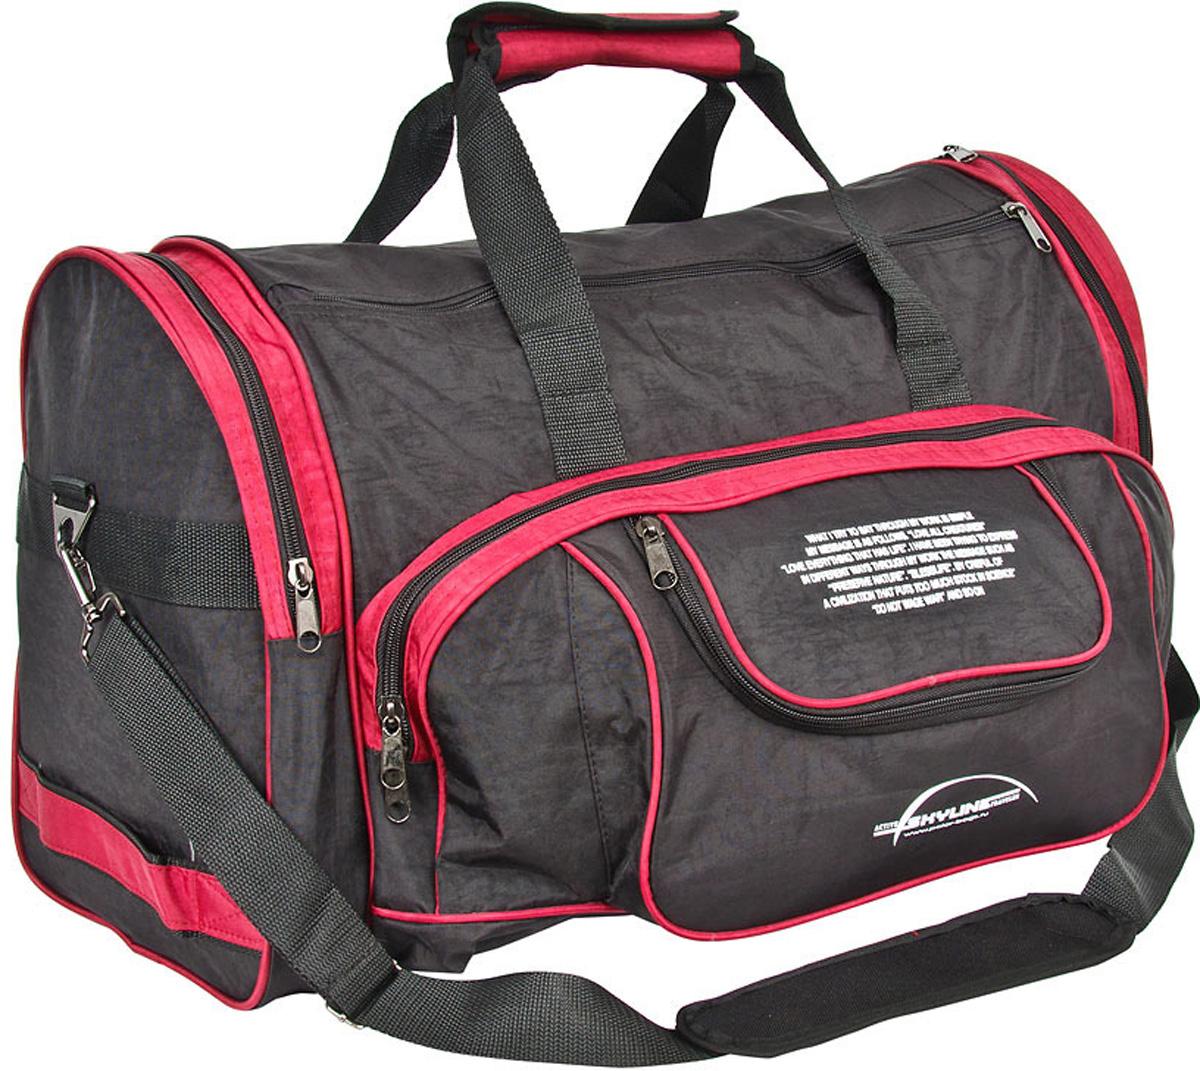 Сумка спортивная Polar  Тревел , цвет: черный, красный, 44,5 л, 55 х 27 х 30 см. 6066 - Дорожные сумки